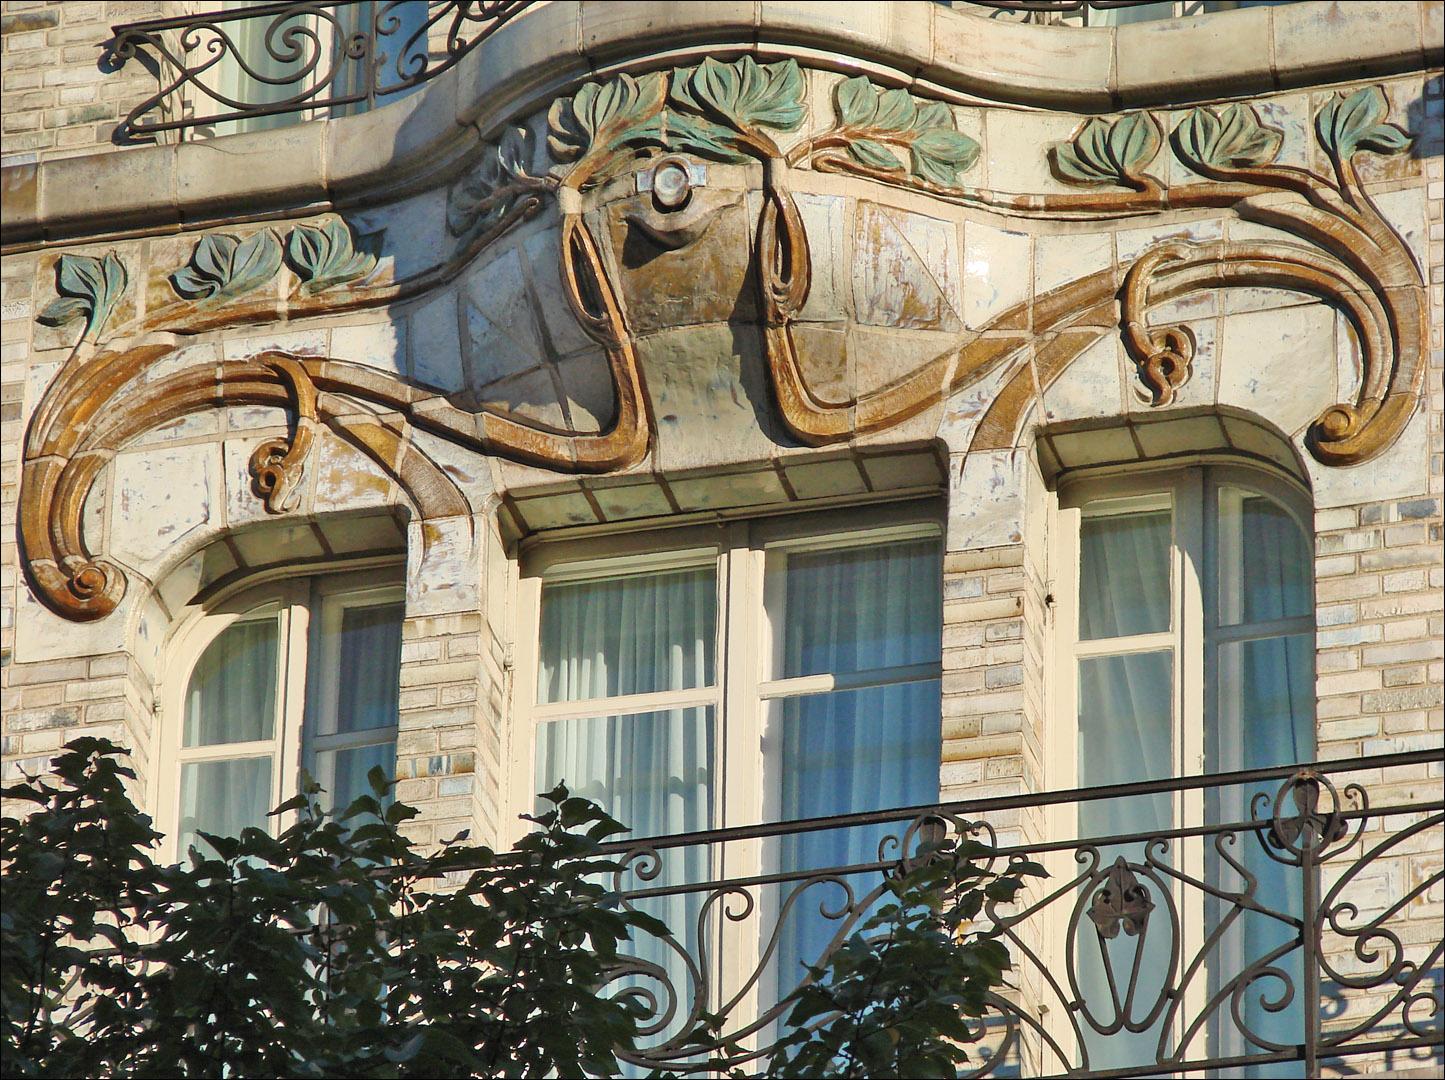 Hôtel_Céramic,_art_nouveau_(Paris)_(5076118693)